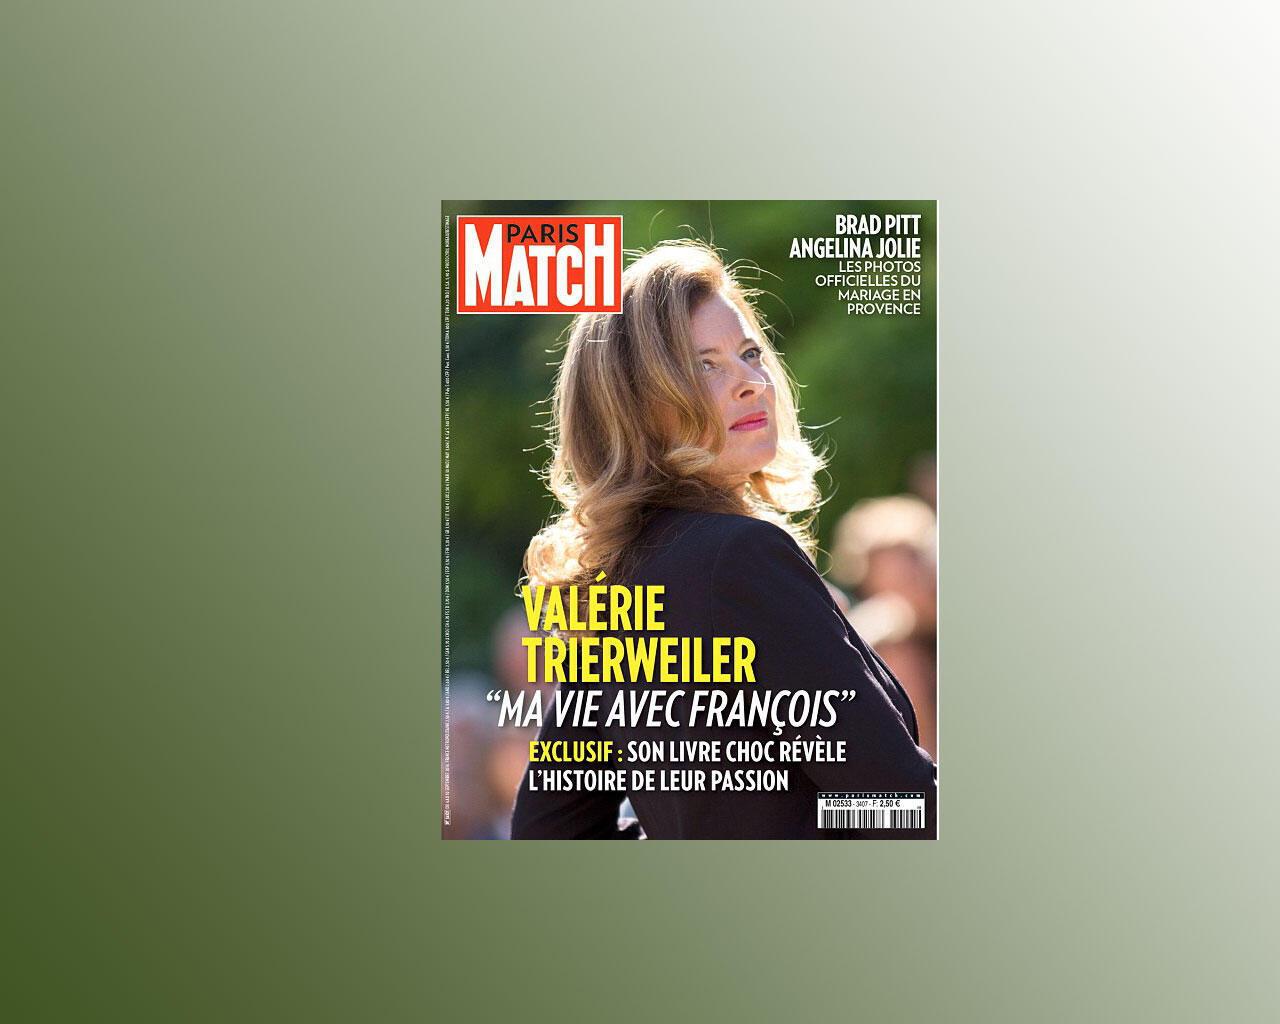 Capa da revista francesa Paris Match desta semana.